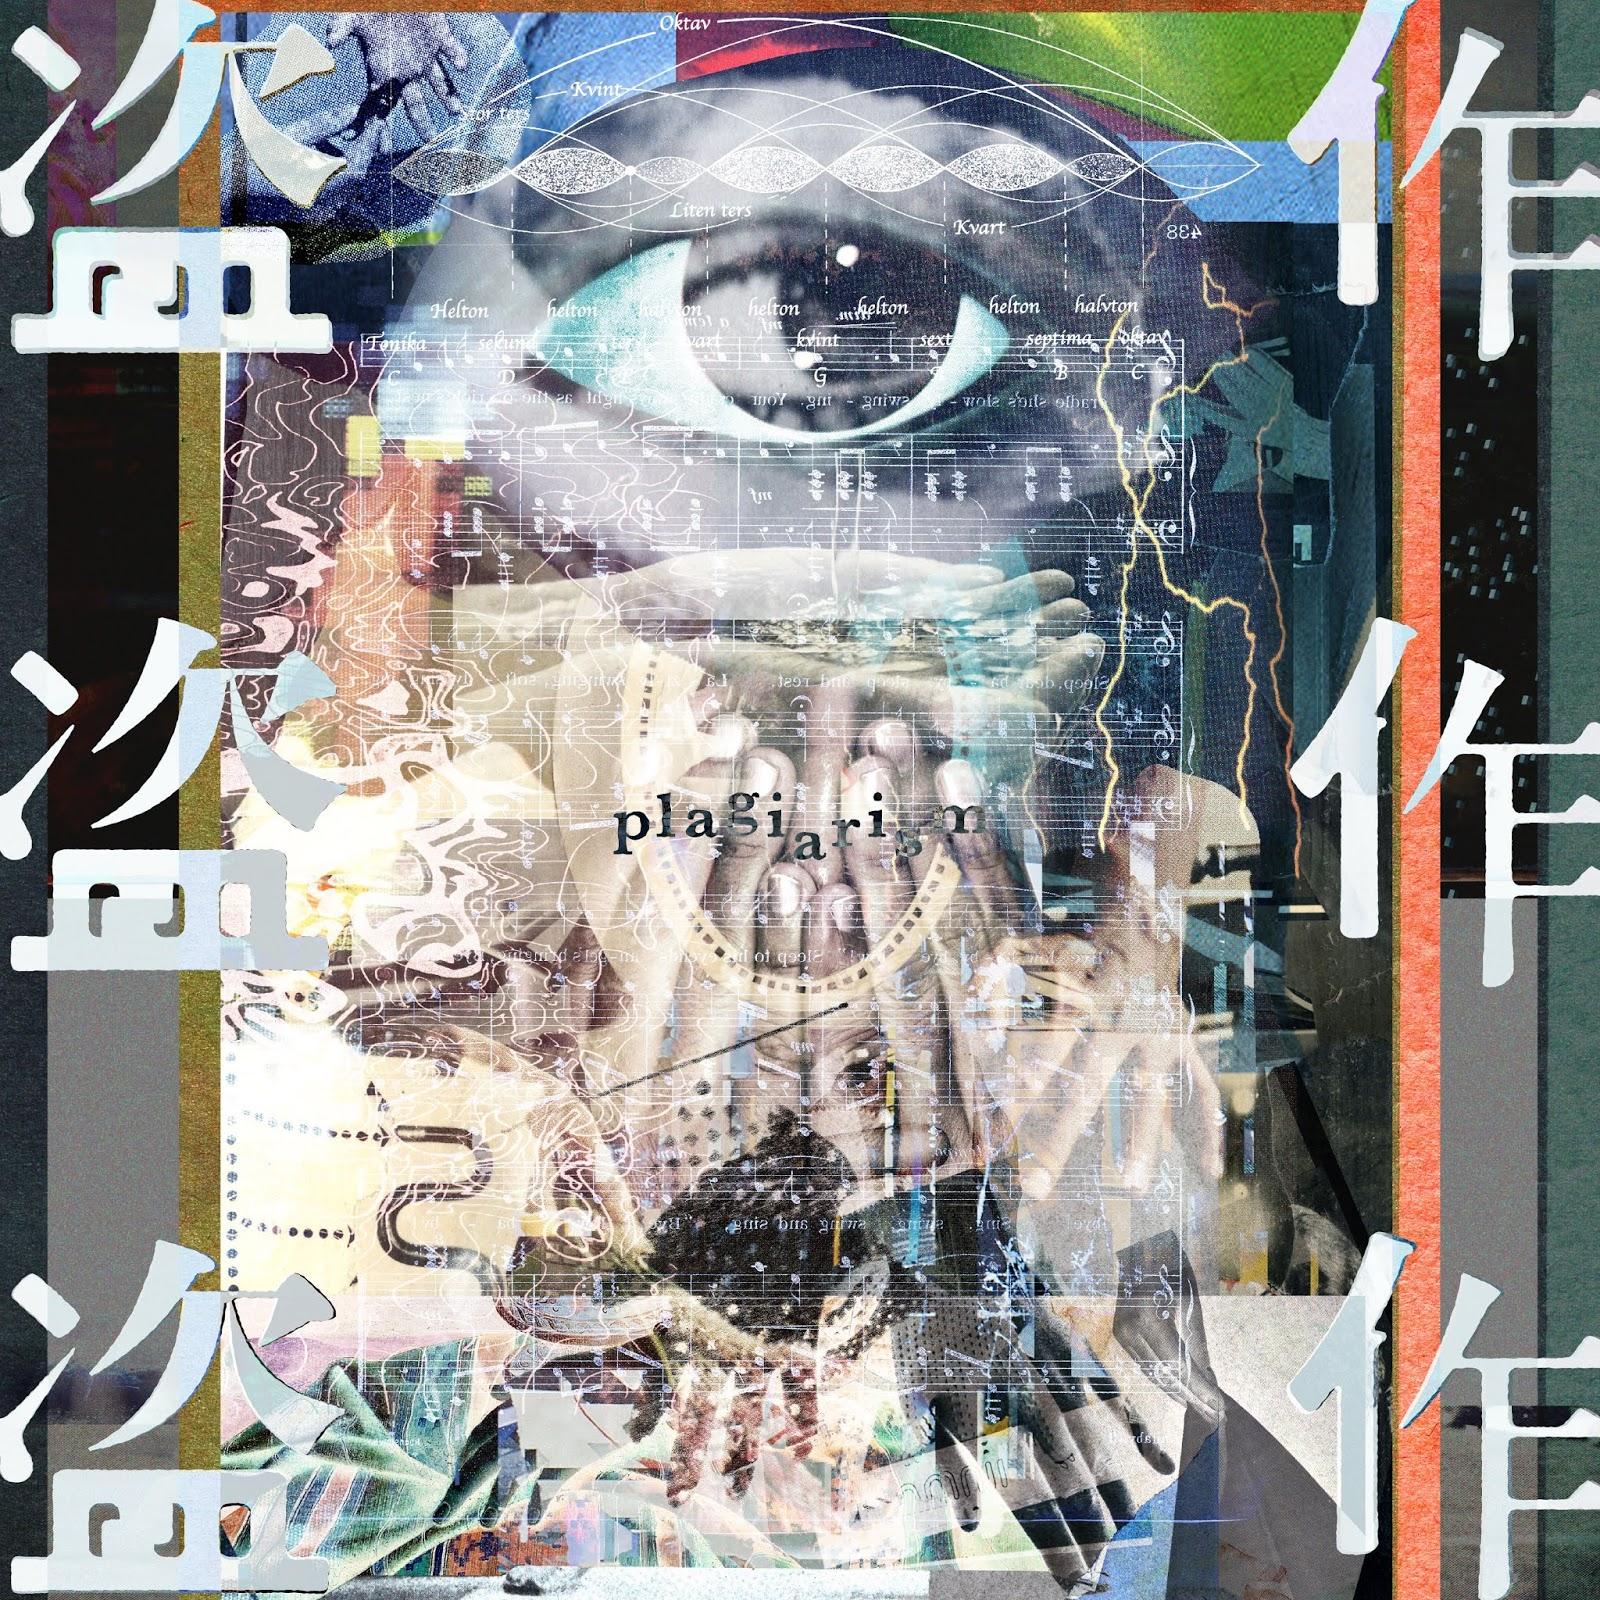 ヨルシカ - 盗作 [2020.07.22+MP3+RAR]